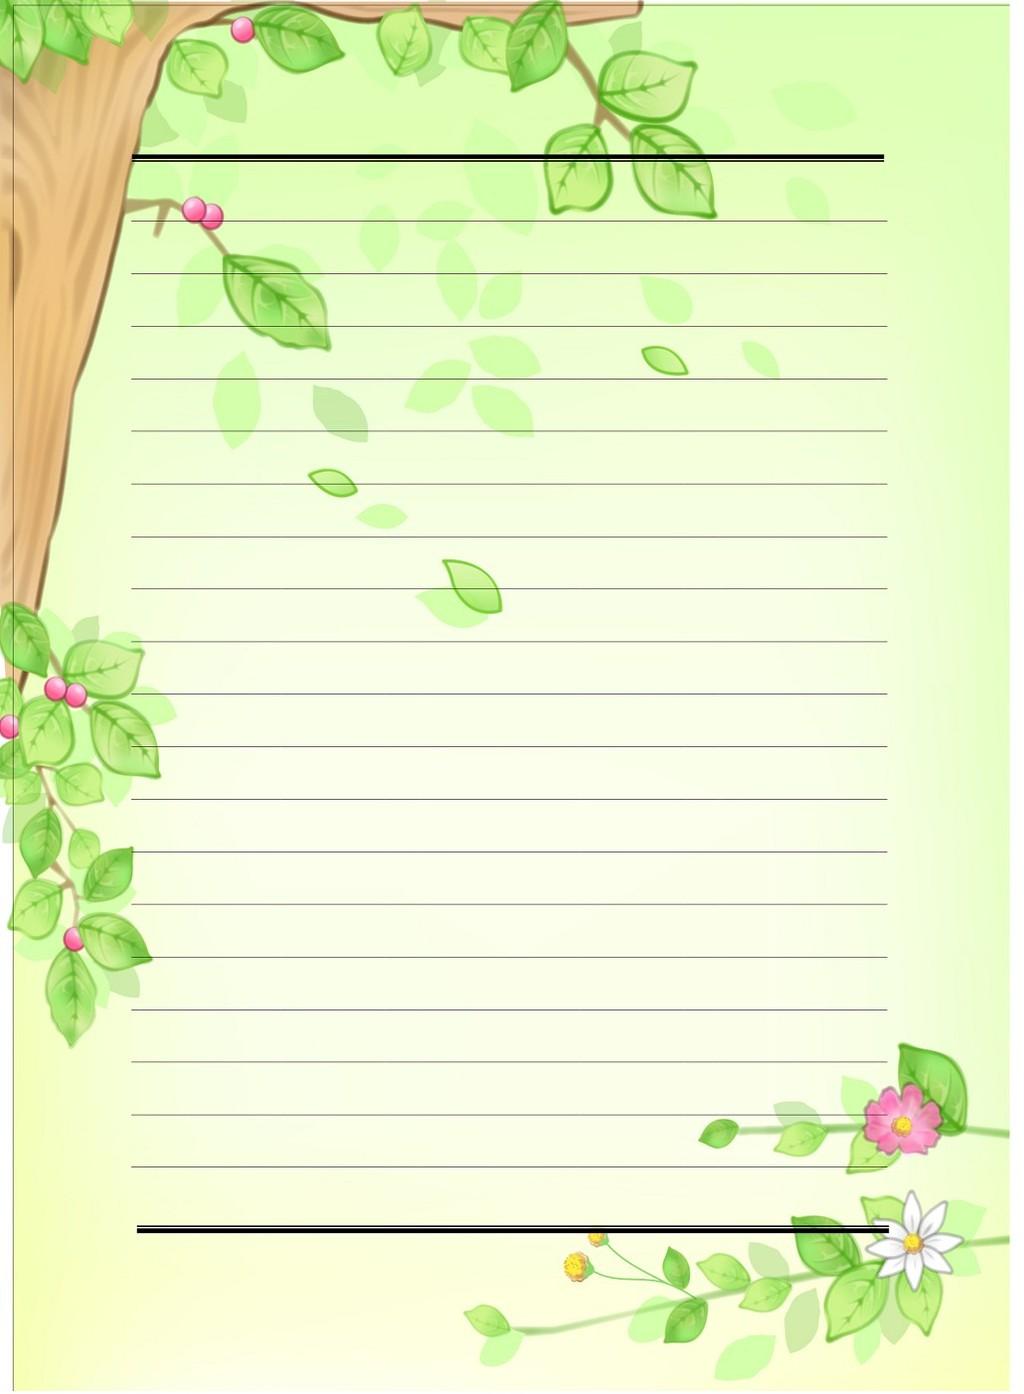 word模板 信纸背景 > 绿色树叶信纸  下一张> [版权图片]图片